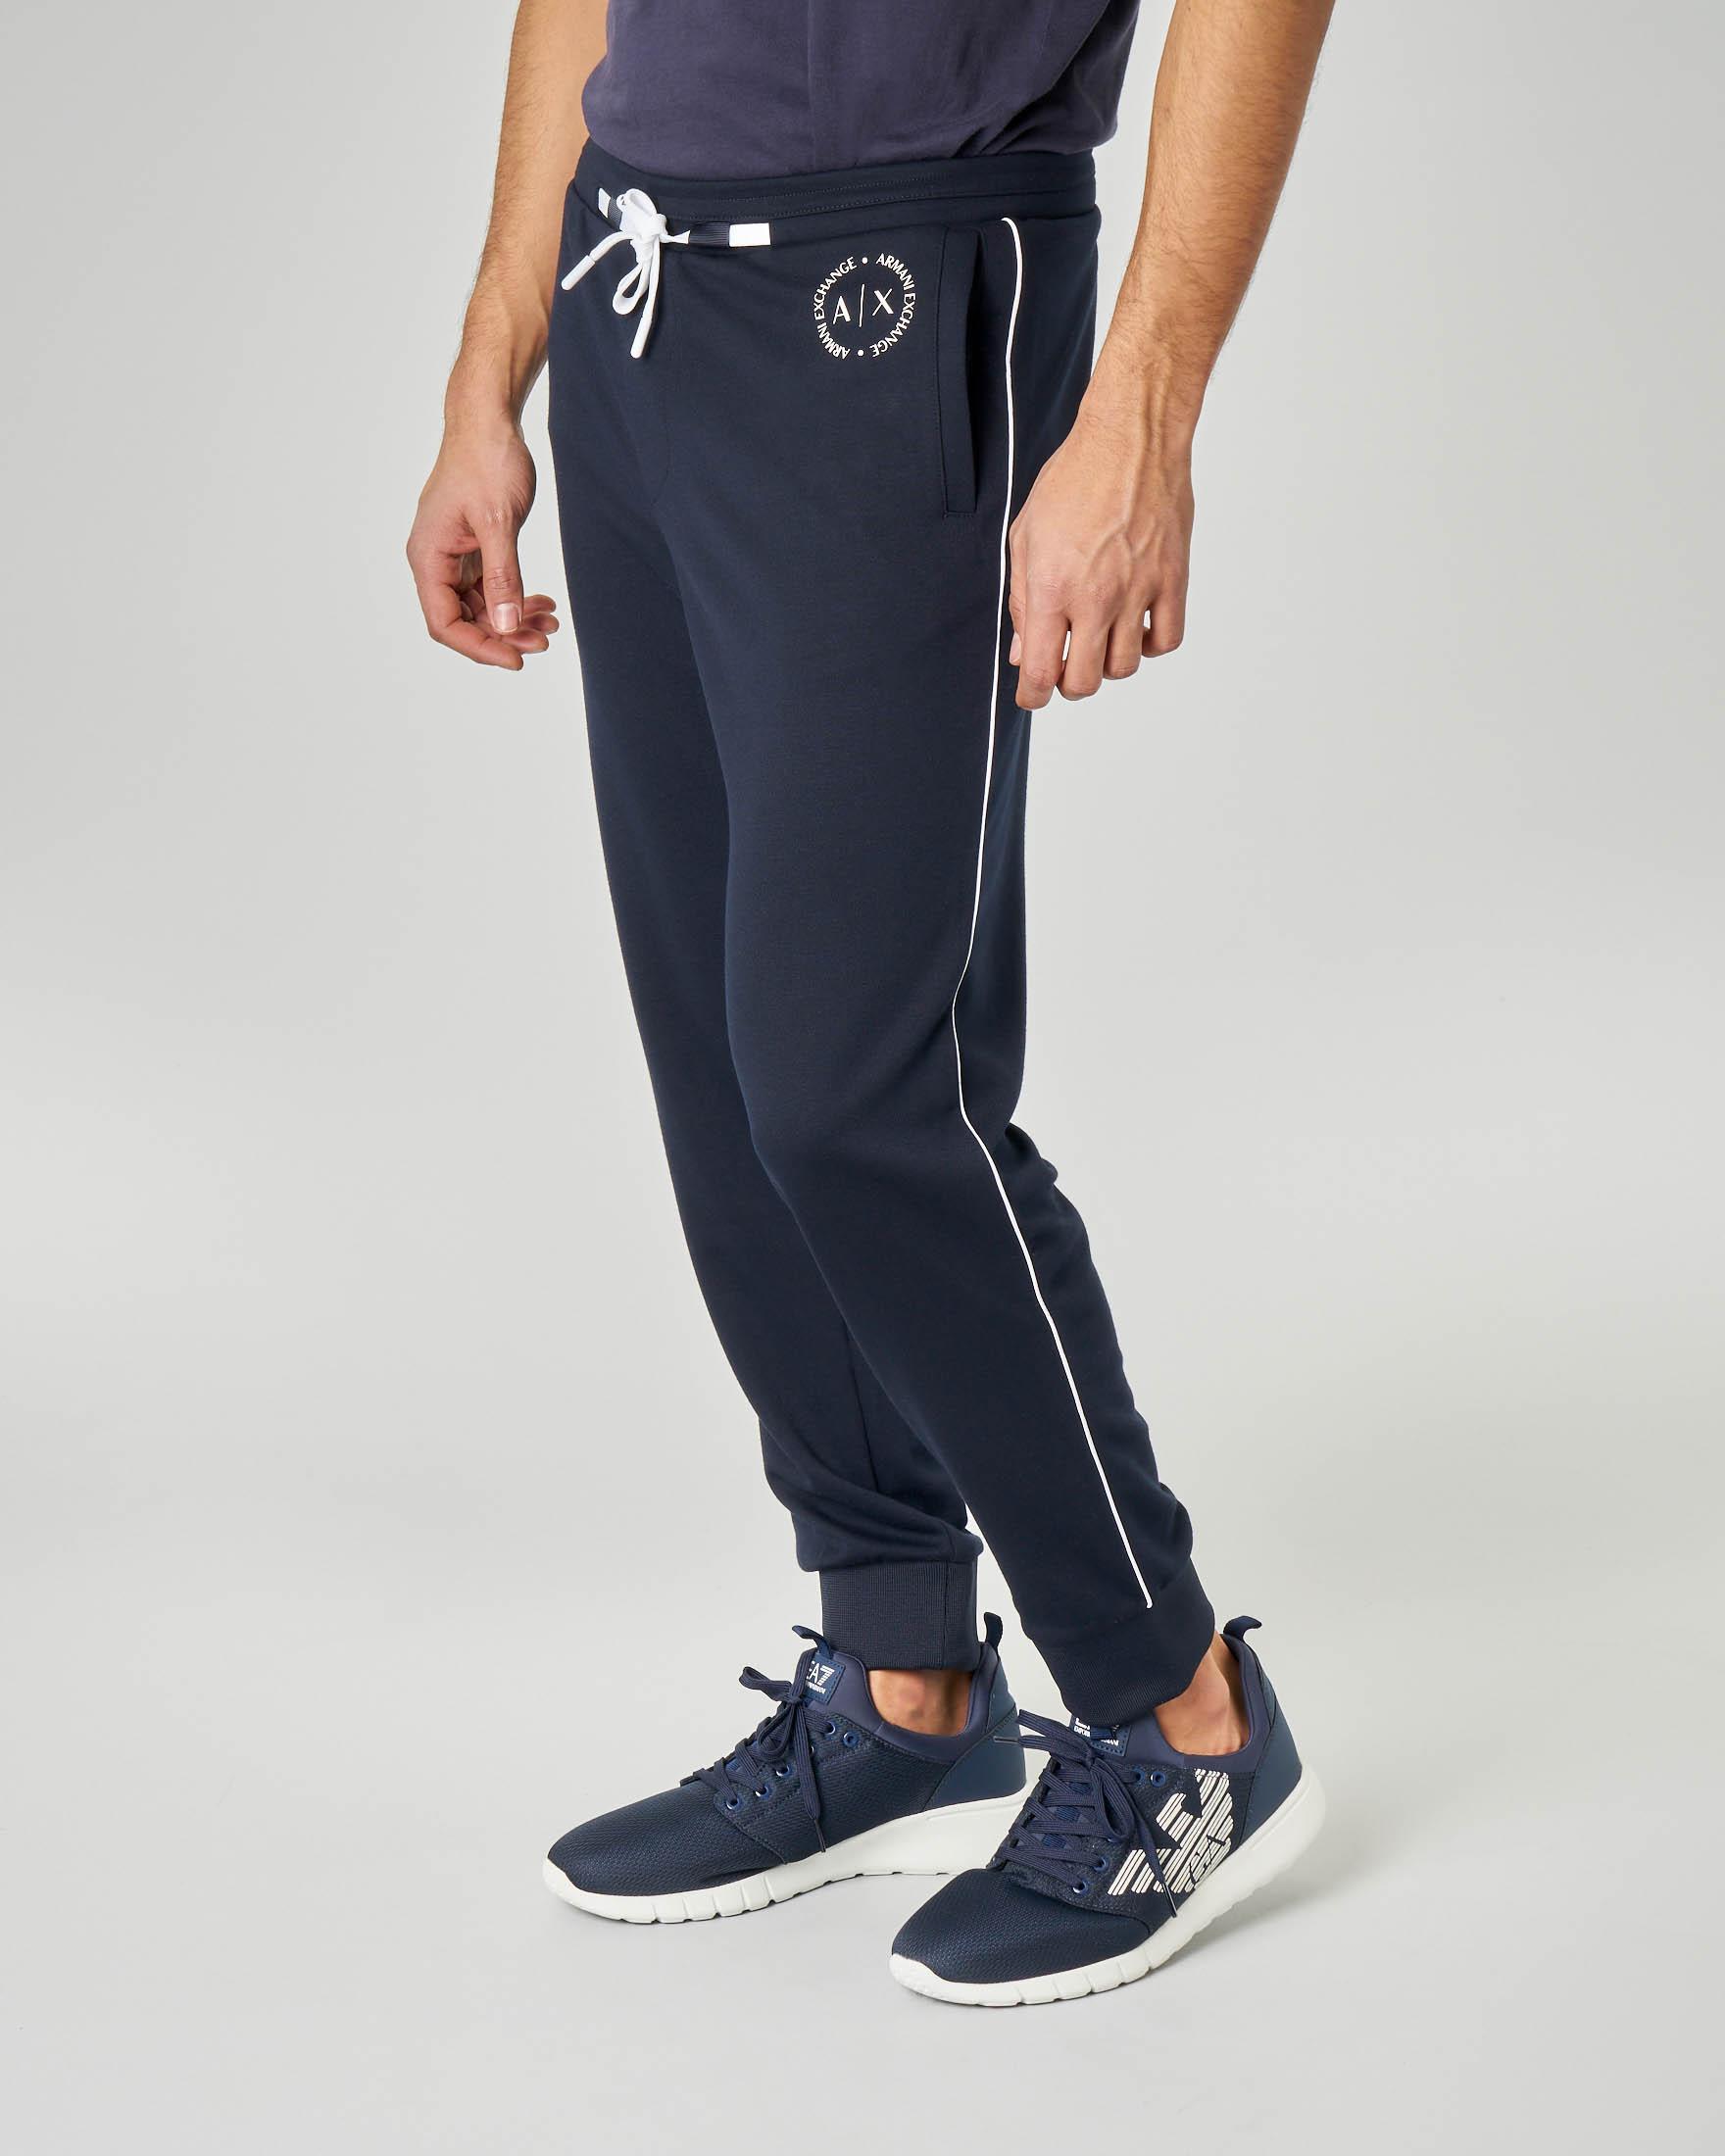 Pantalone blu in felpa con profilo bianco e logo